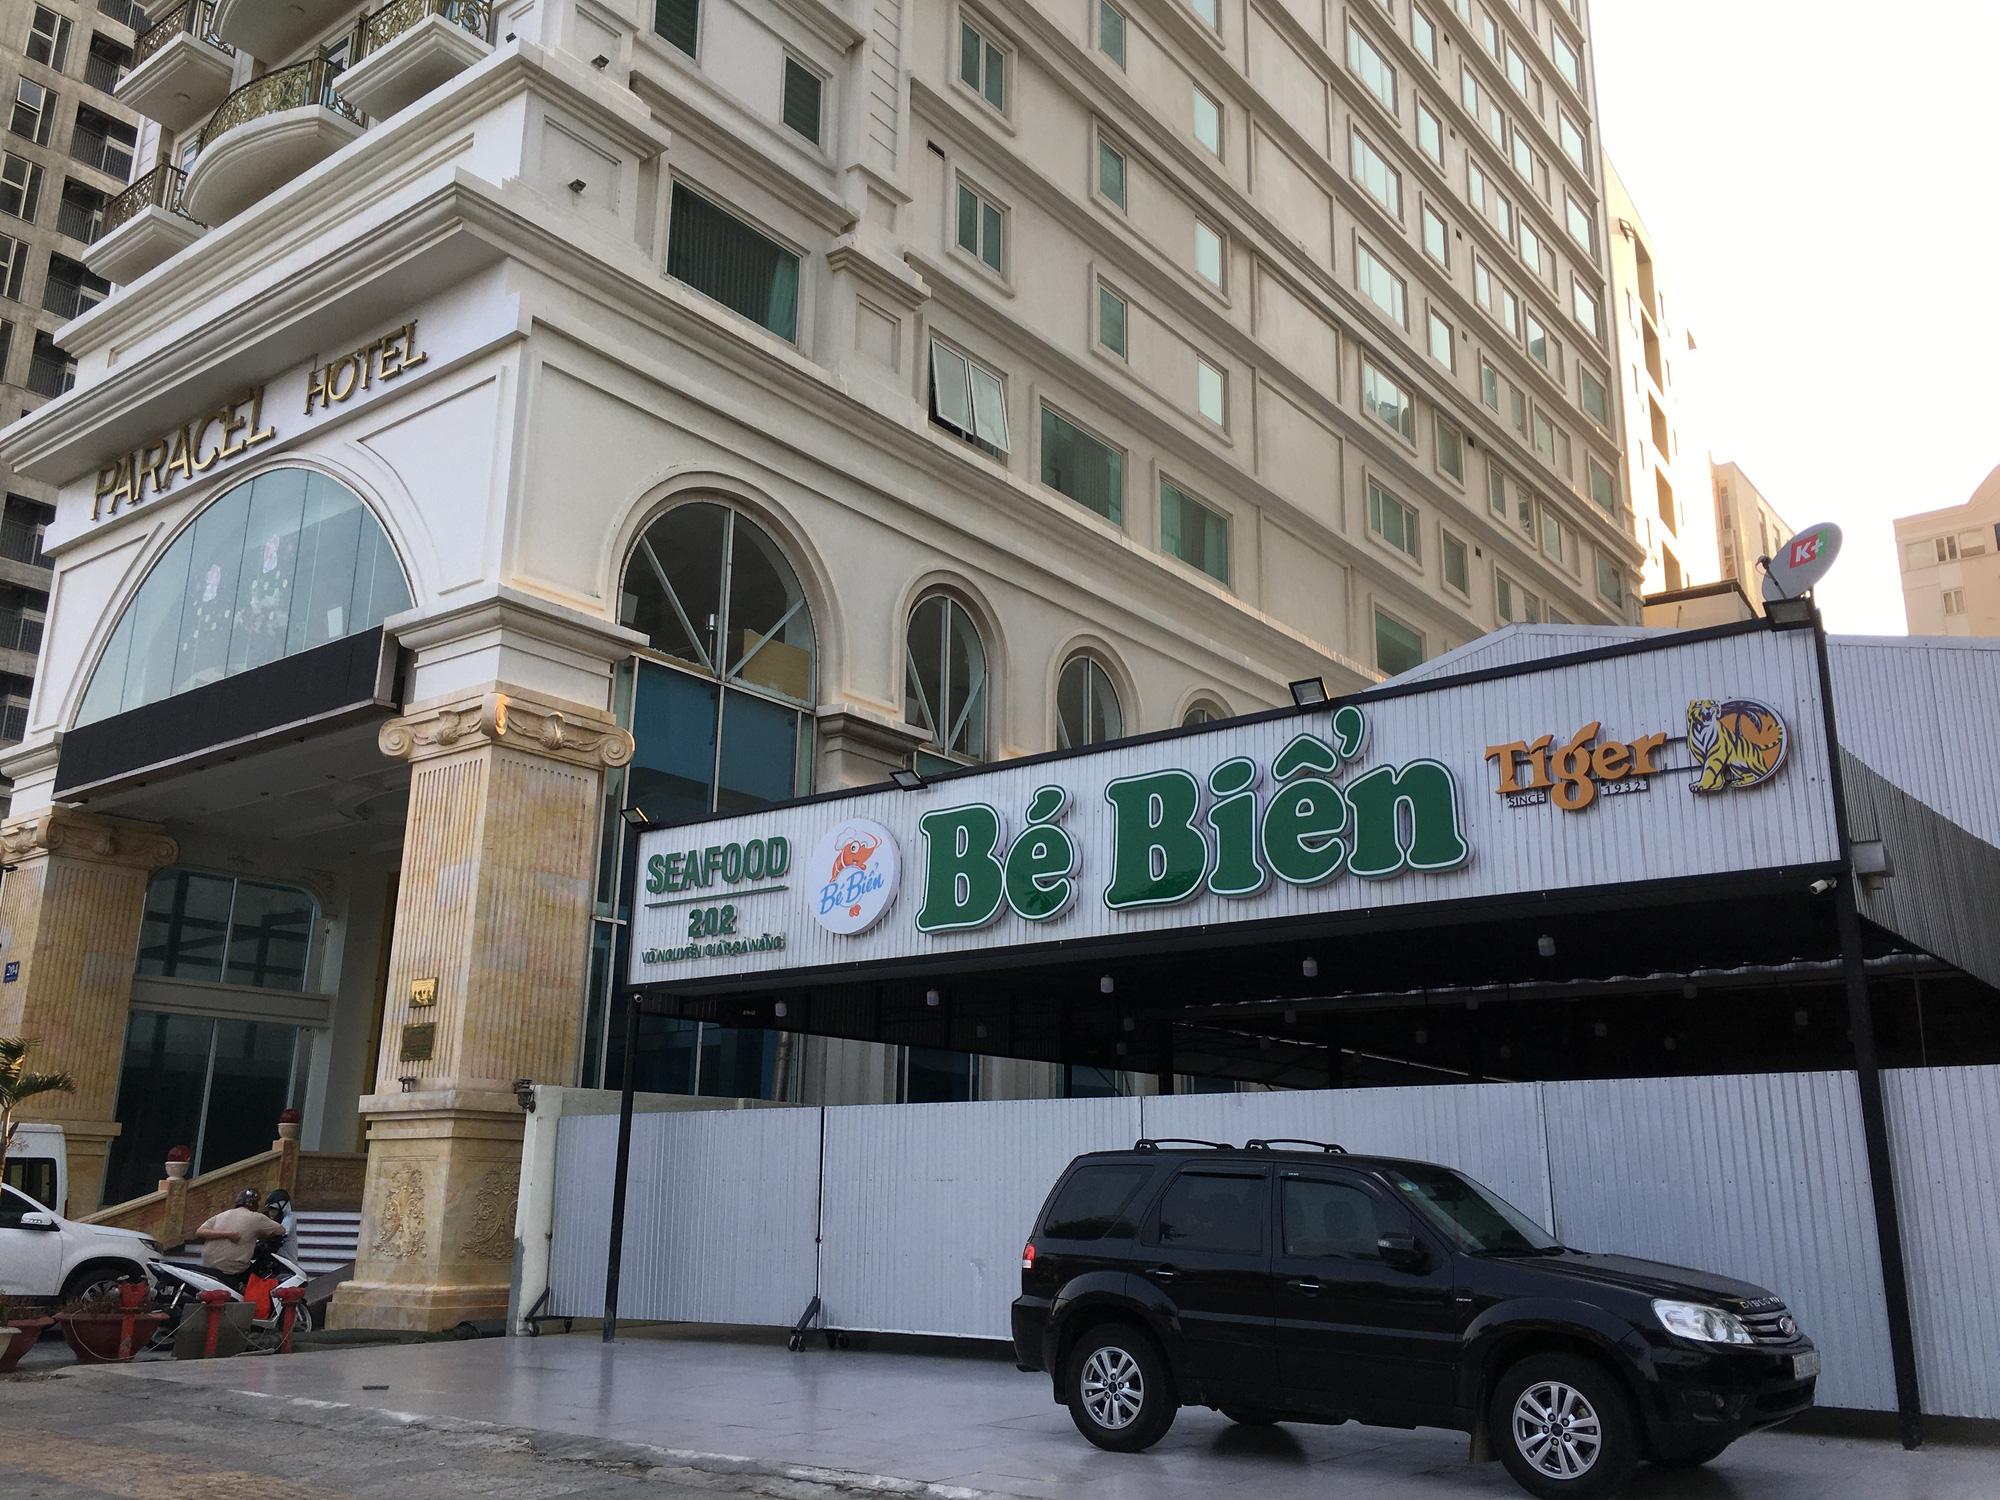 Khách sạn, công trình xây dựng ven biển, các hãng thời trang lớn ở Đà Nẵng đóng cửa hàng loạt trước ngày 'cách li toàn xã hội' - Ảnh 7.